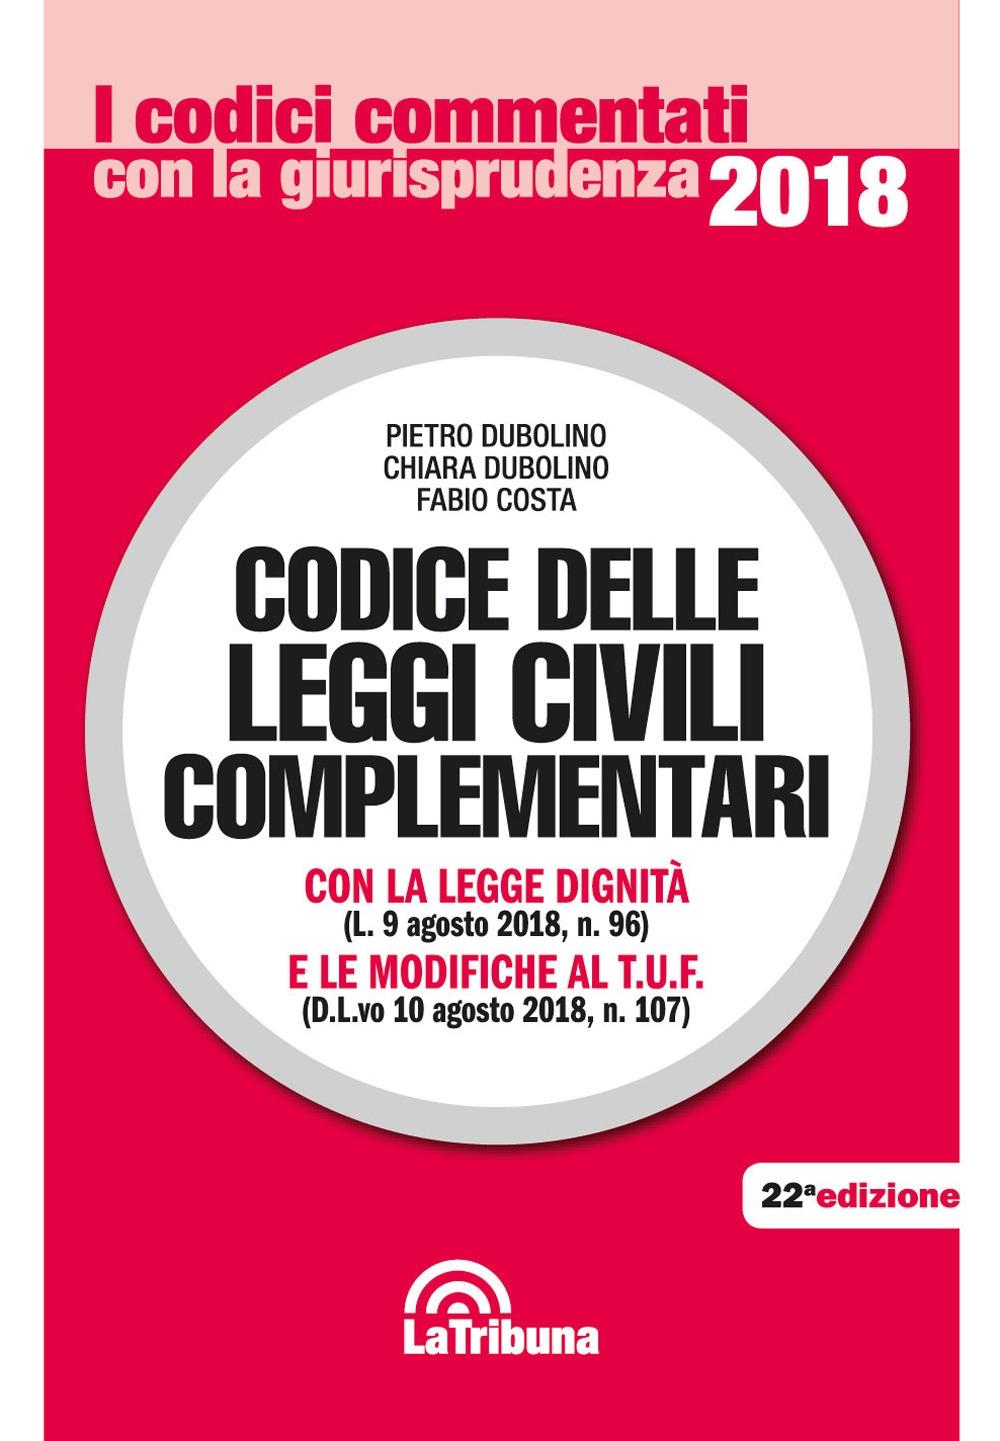 Codice delle leggi civili complementari